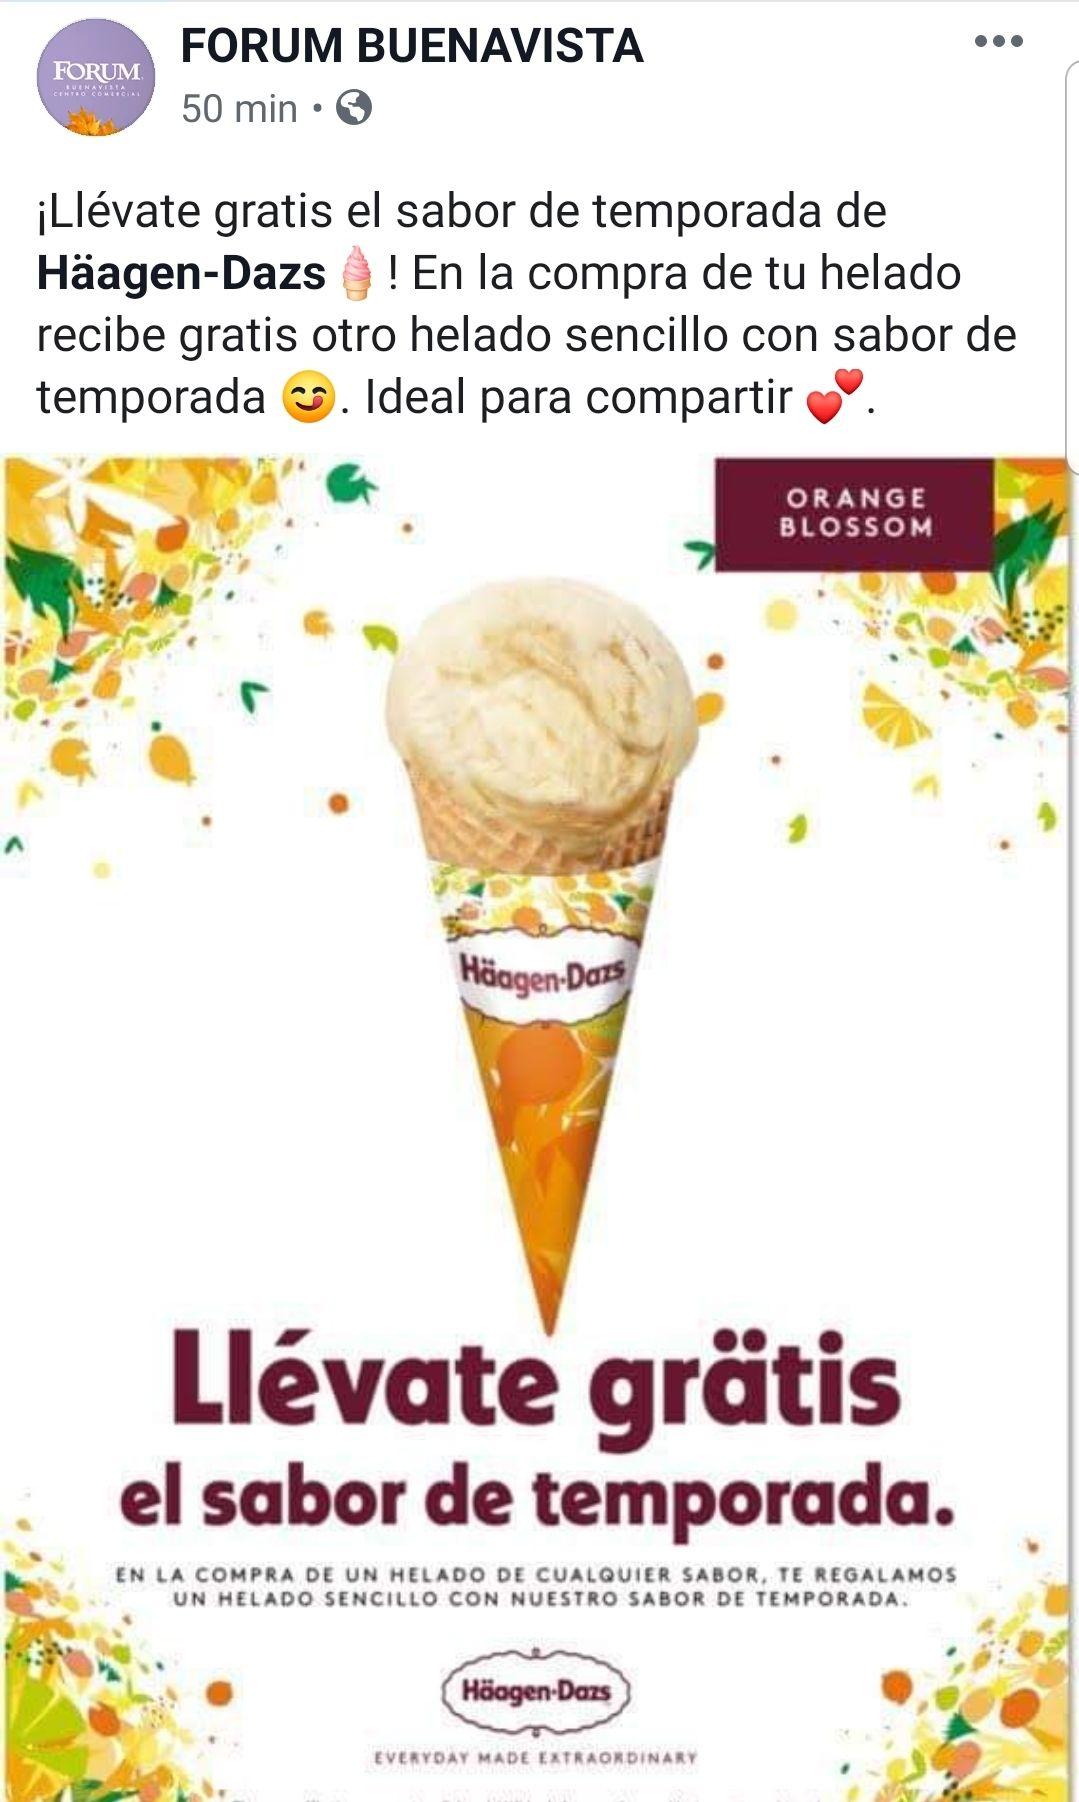 Haagen dazs: en la compra de un helado llevate gratis un helado del sabor de temporada